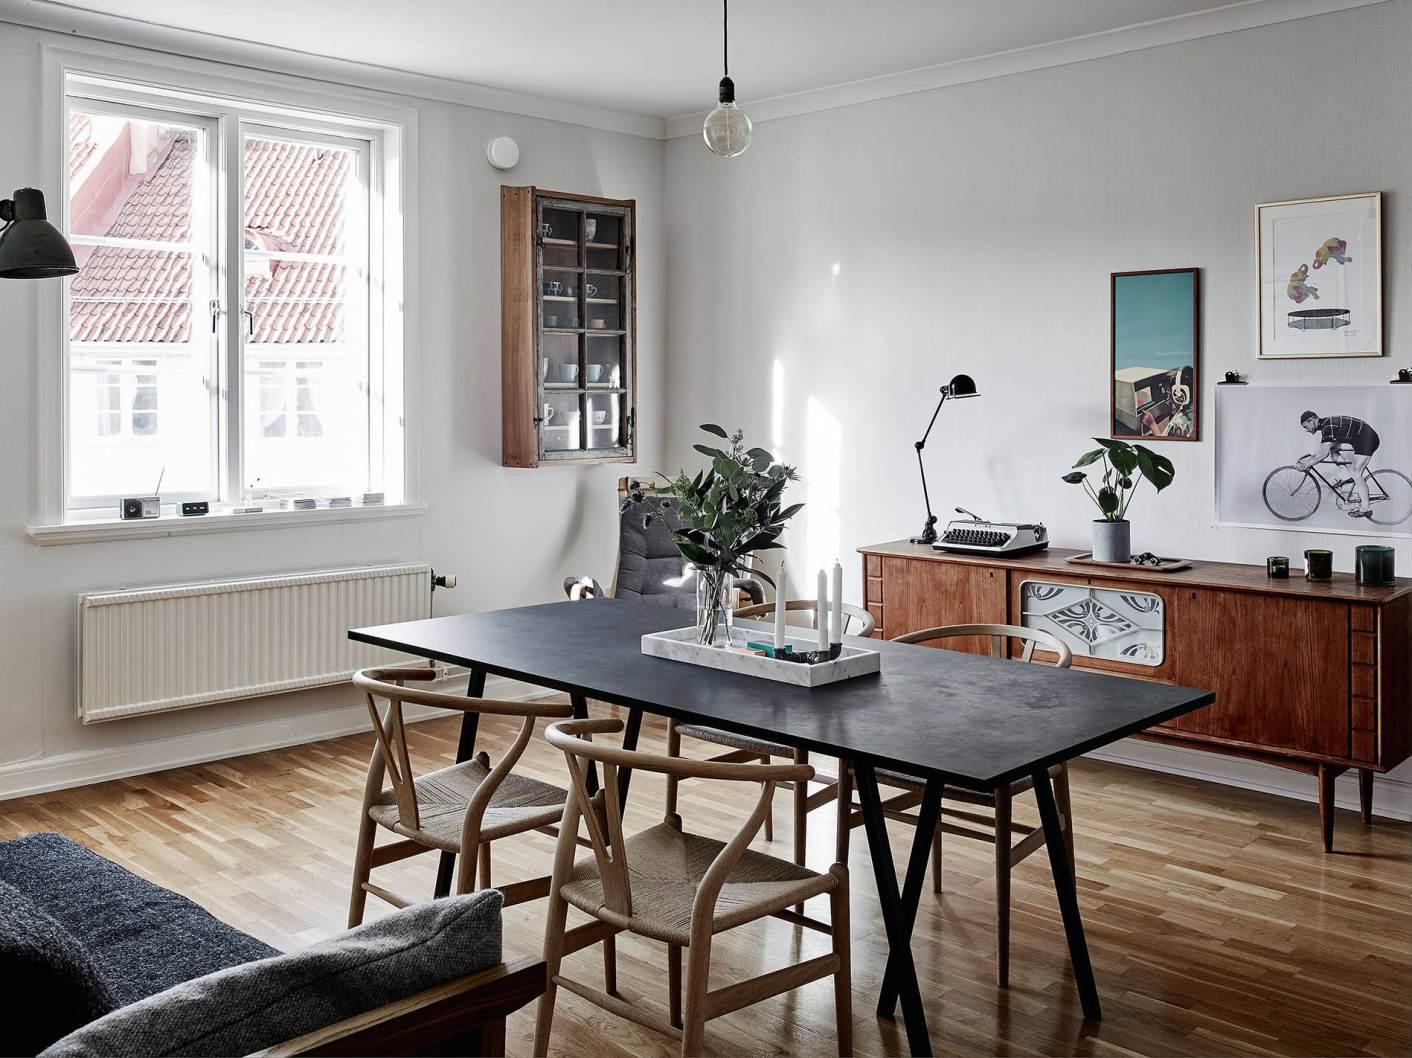 deco salle manger scandinave gallery of salle a manger deco daccoration salle a manger elegante. Black Bedroom Furniture Sets. Home Design Ideas